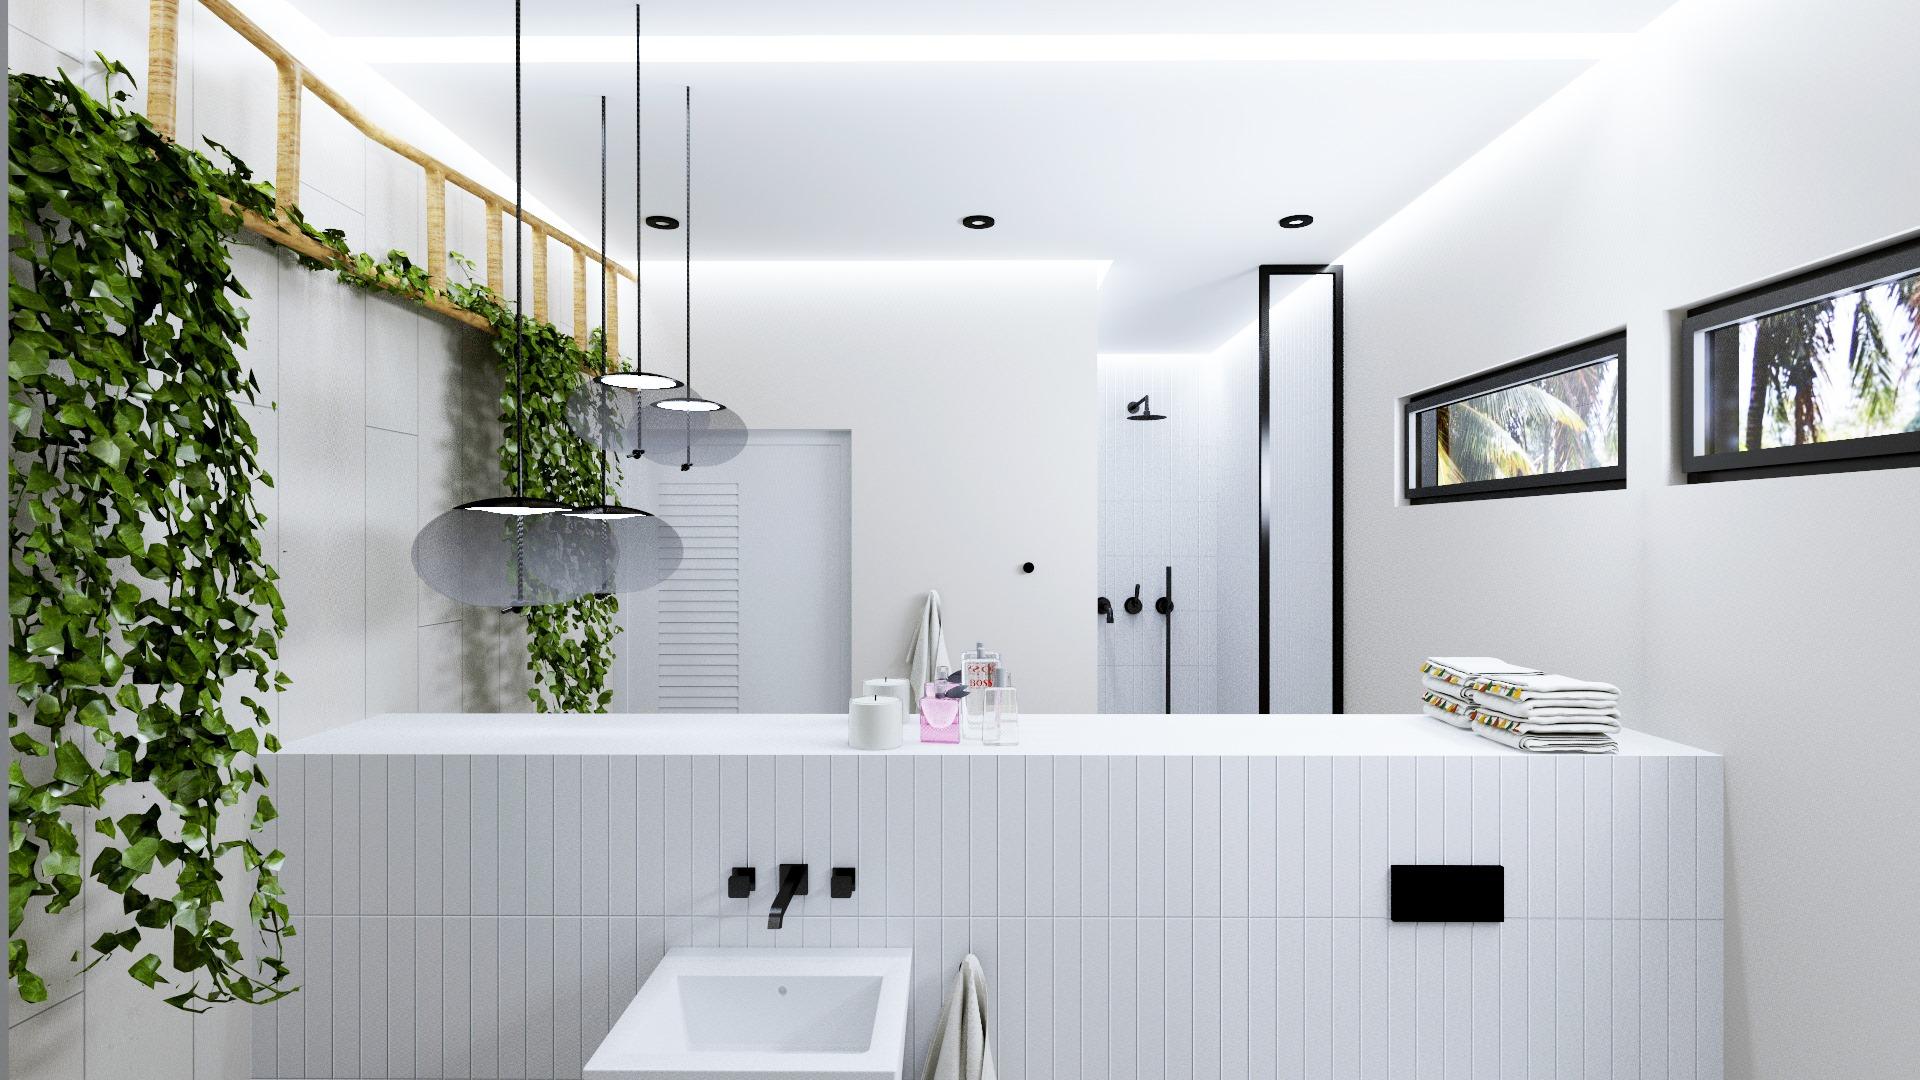 Łazienka w apartamencie w Tajlandii